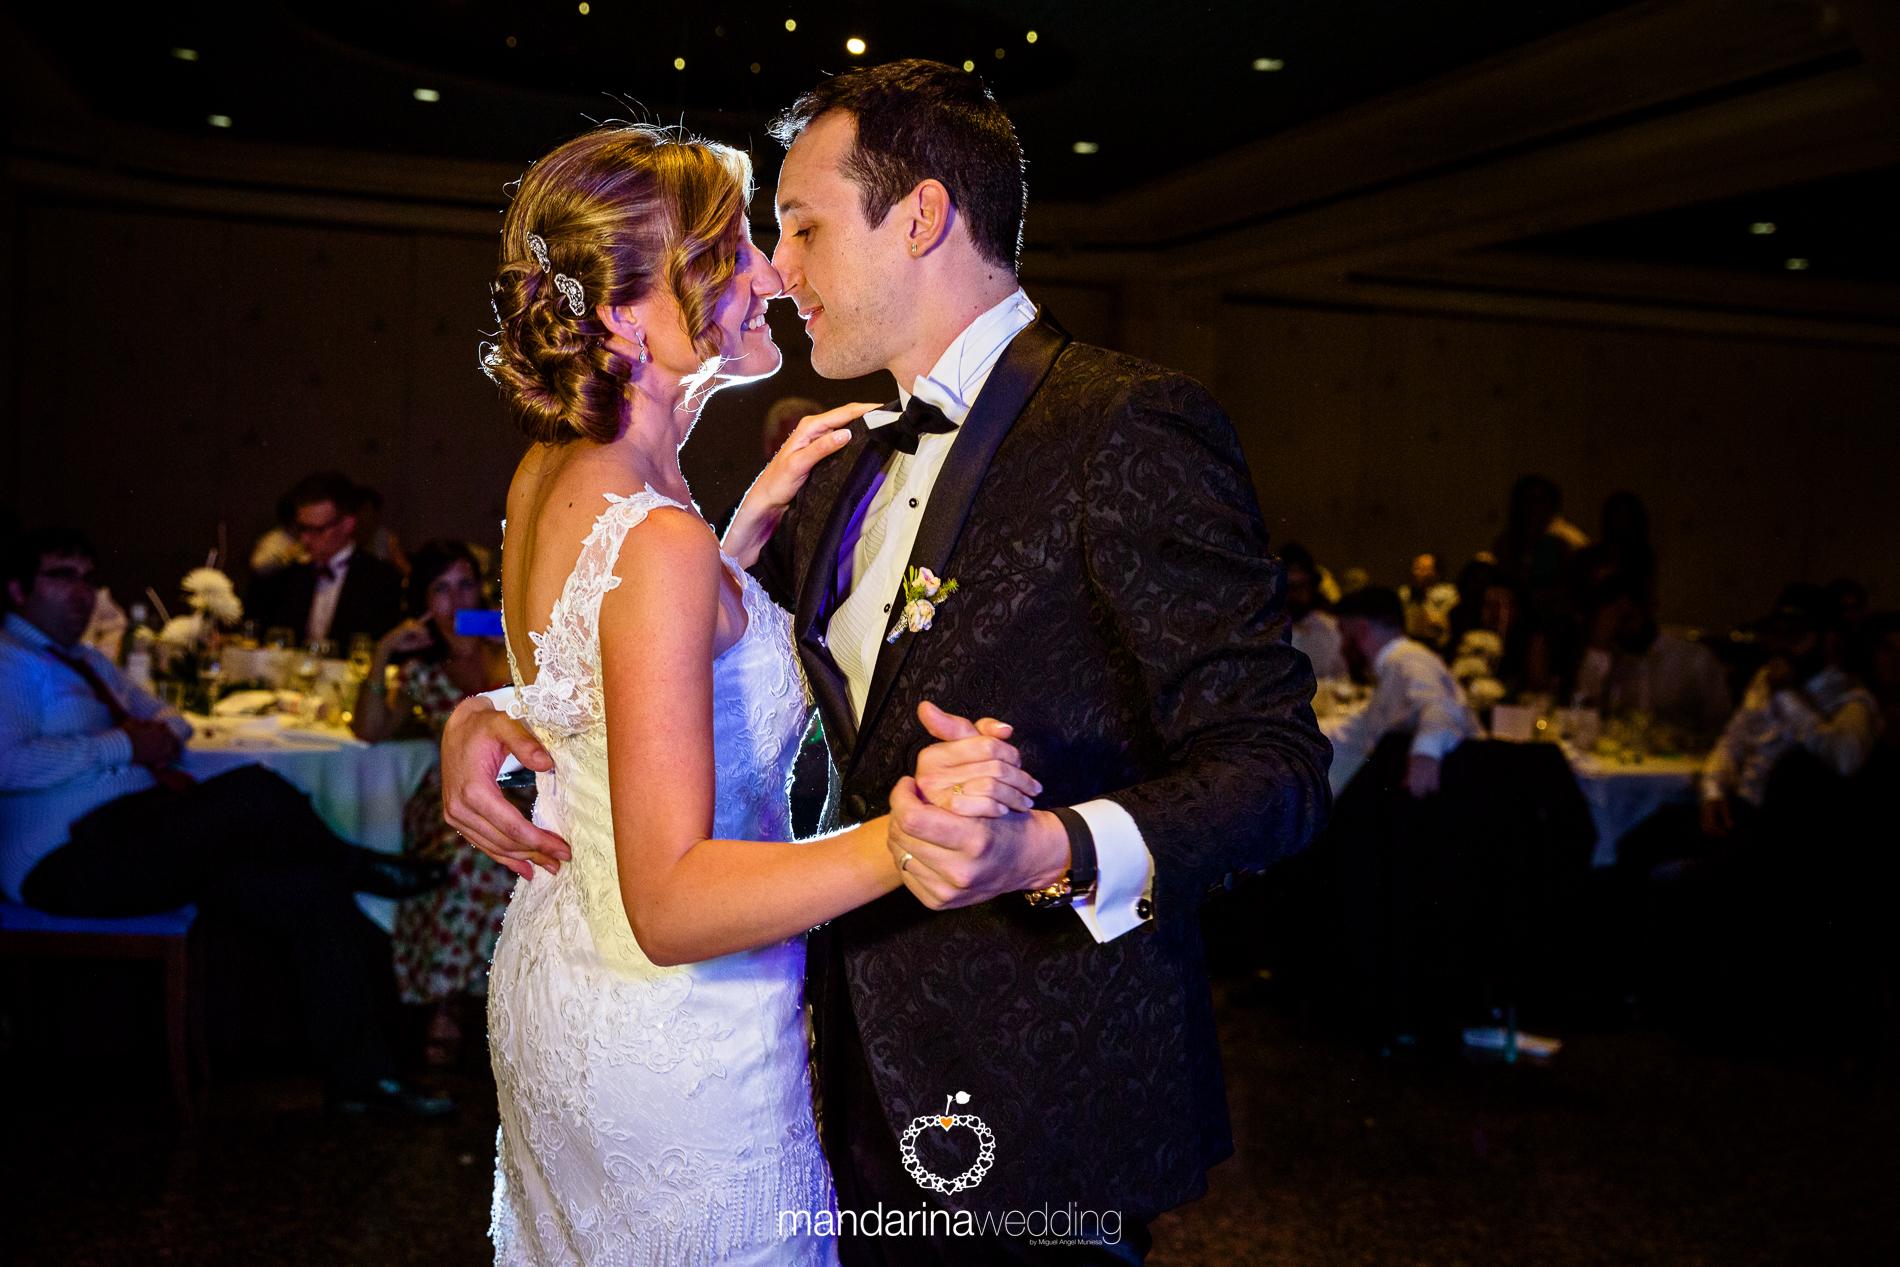 mandarina wedding_34